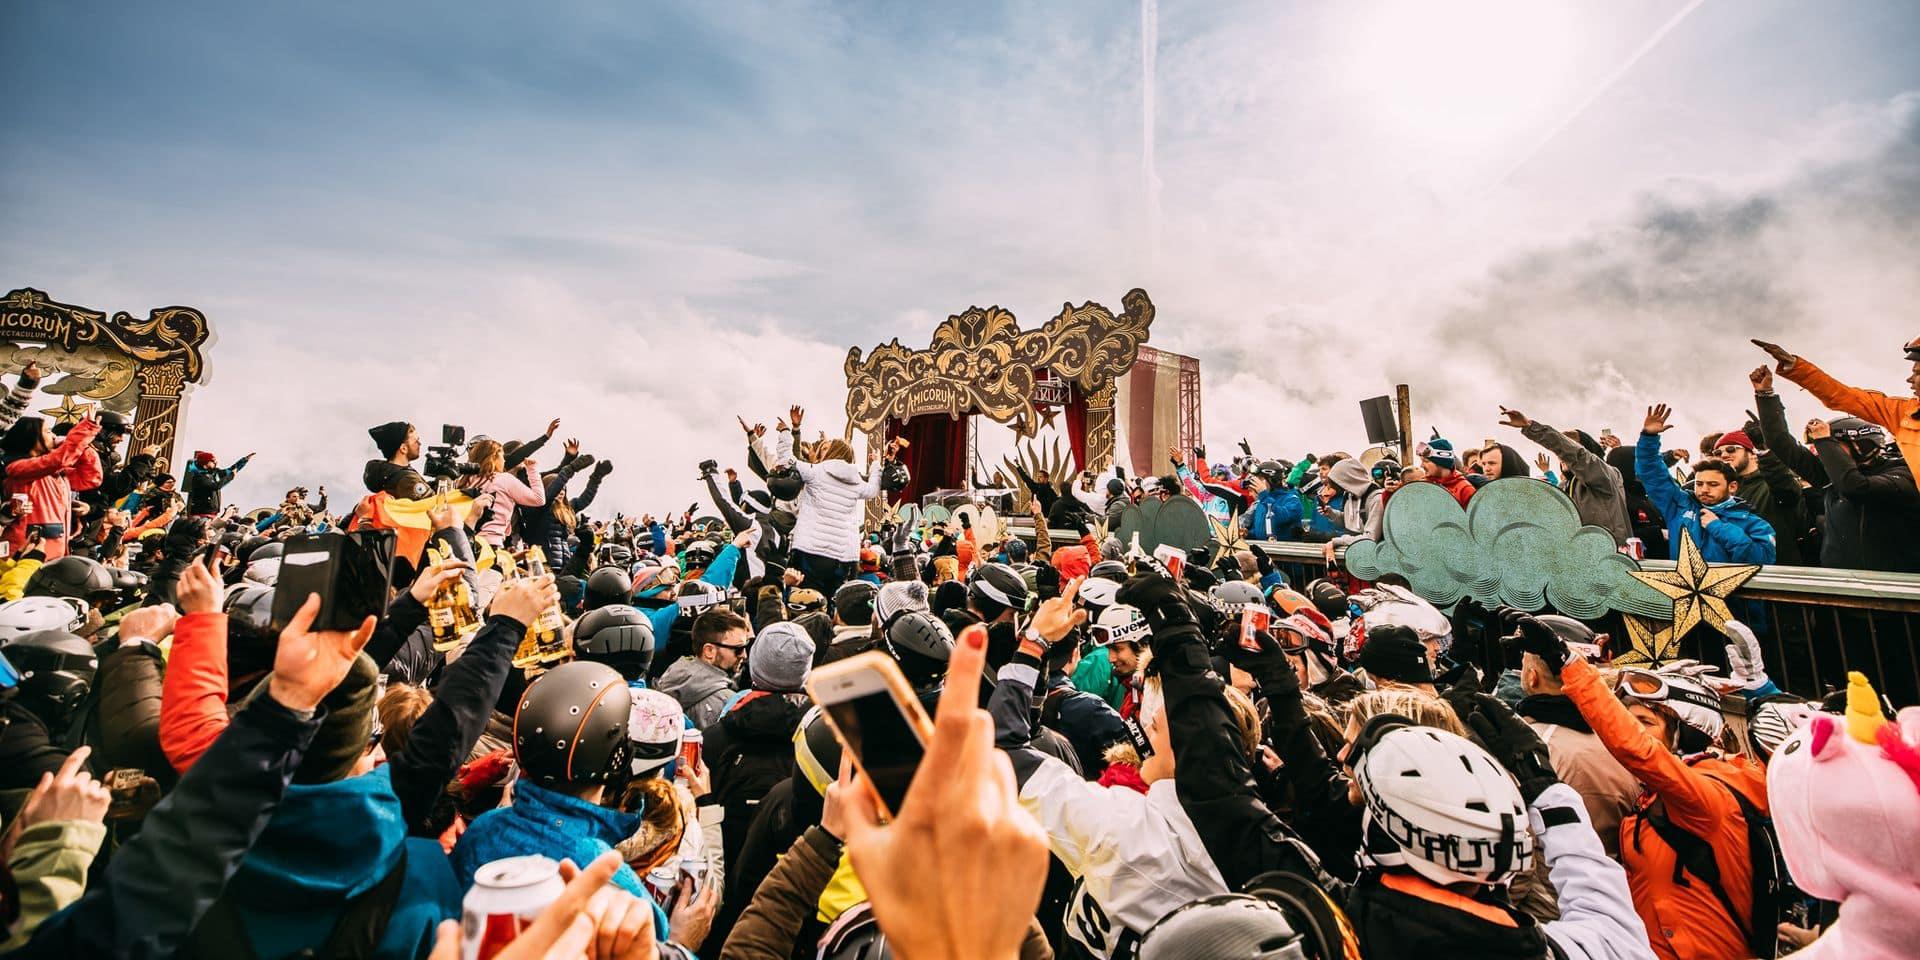 Rendez-vous en mars 2022 pour Tomorrowland Winter: est-ce bien réaliste?